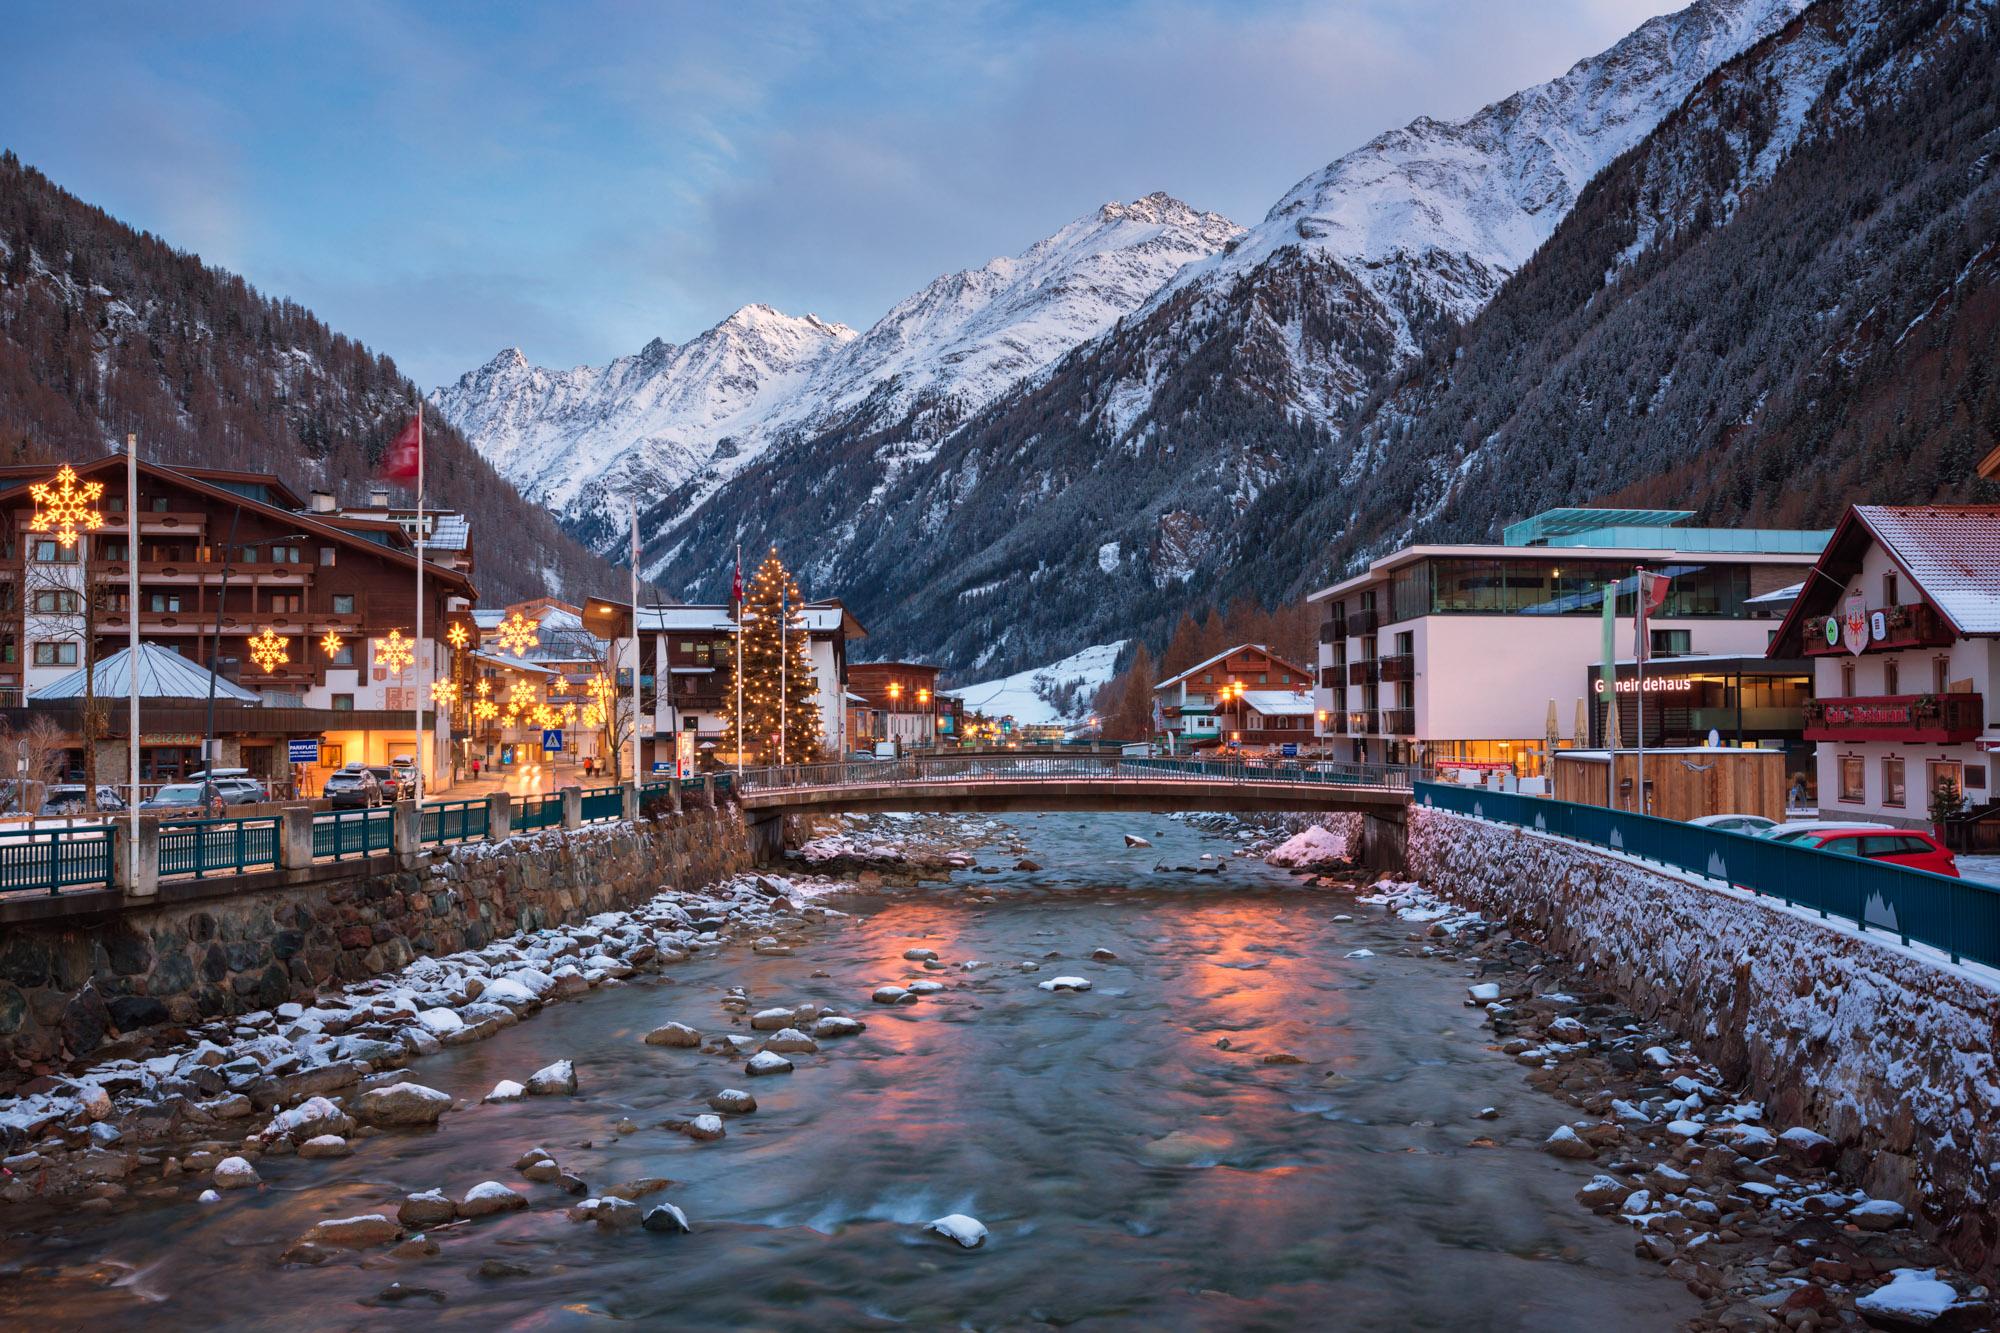 Soelden Ski Resort in the Morning, Austria